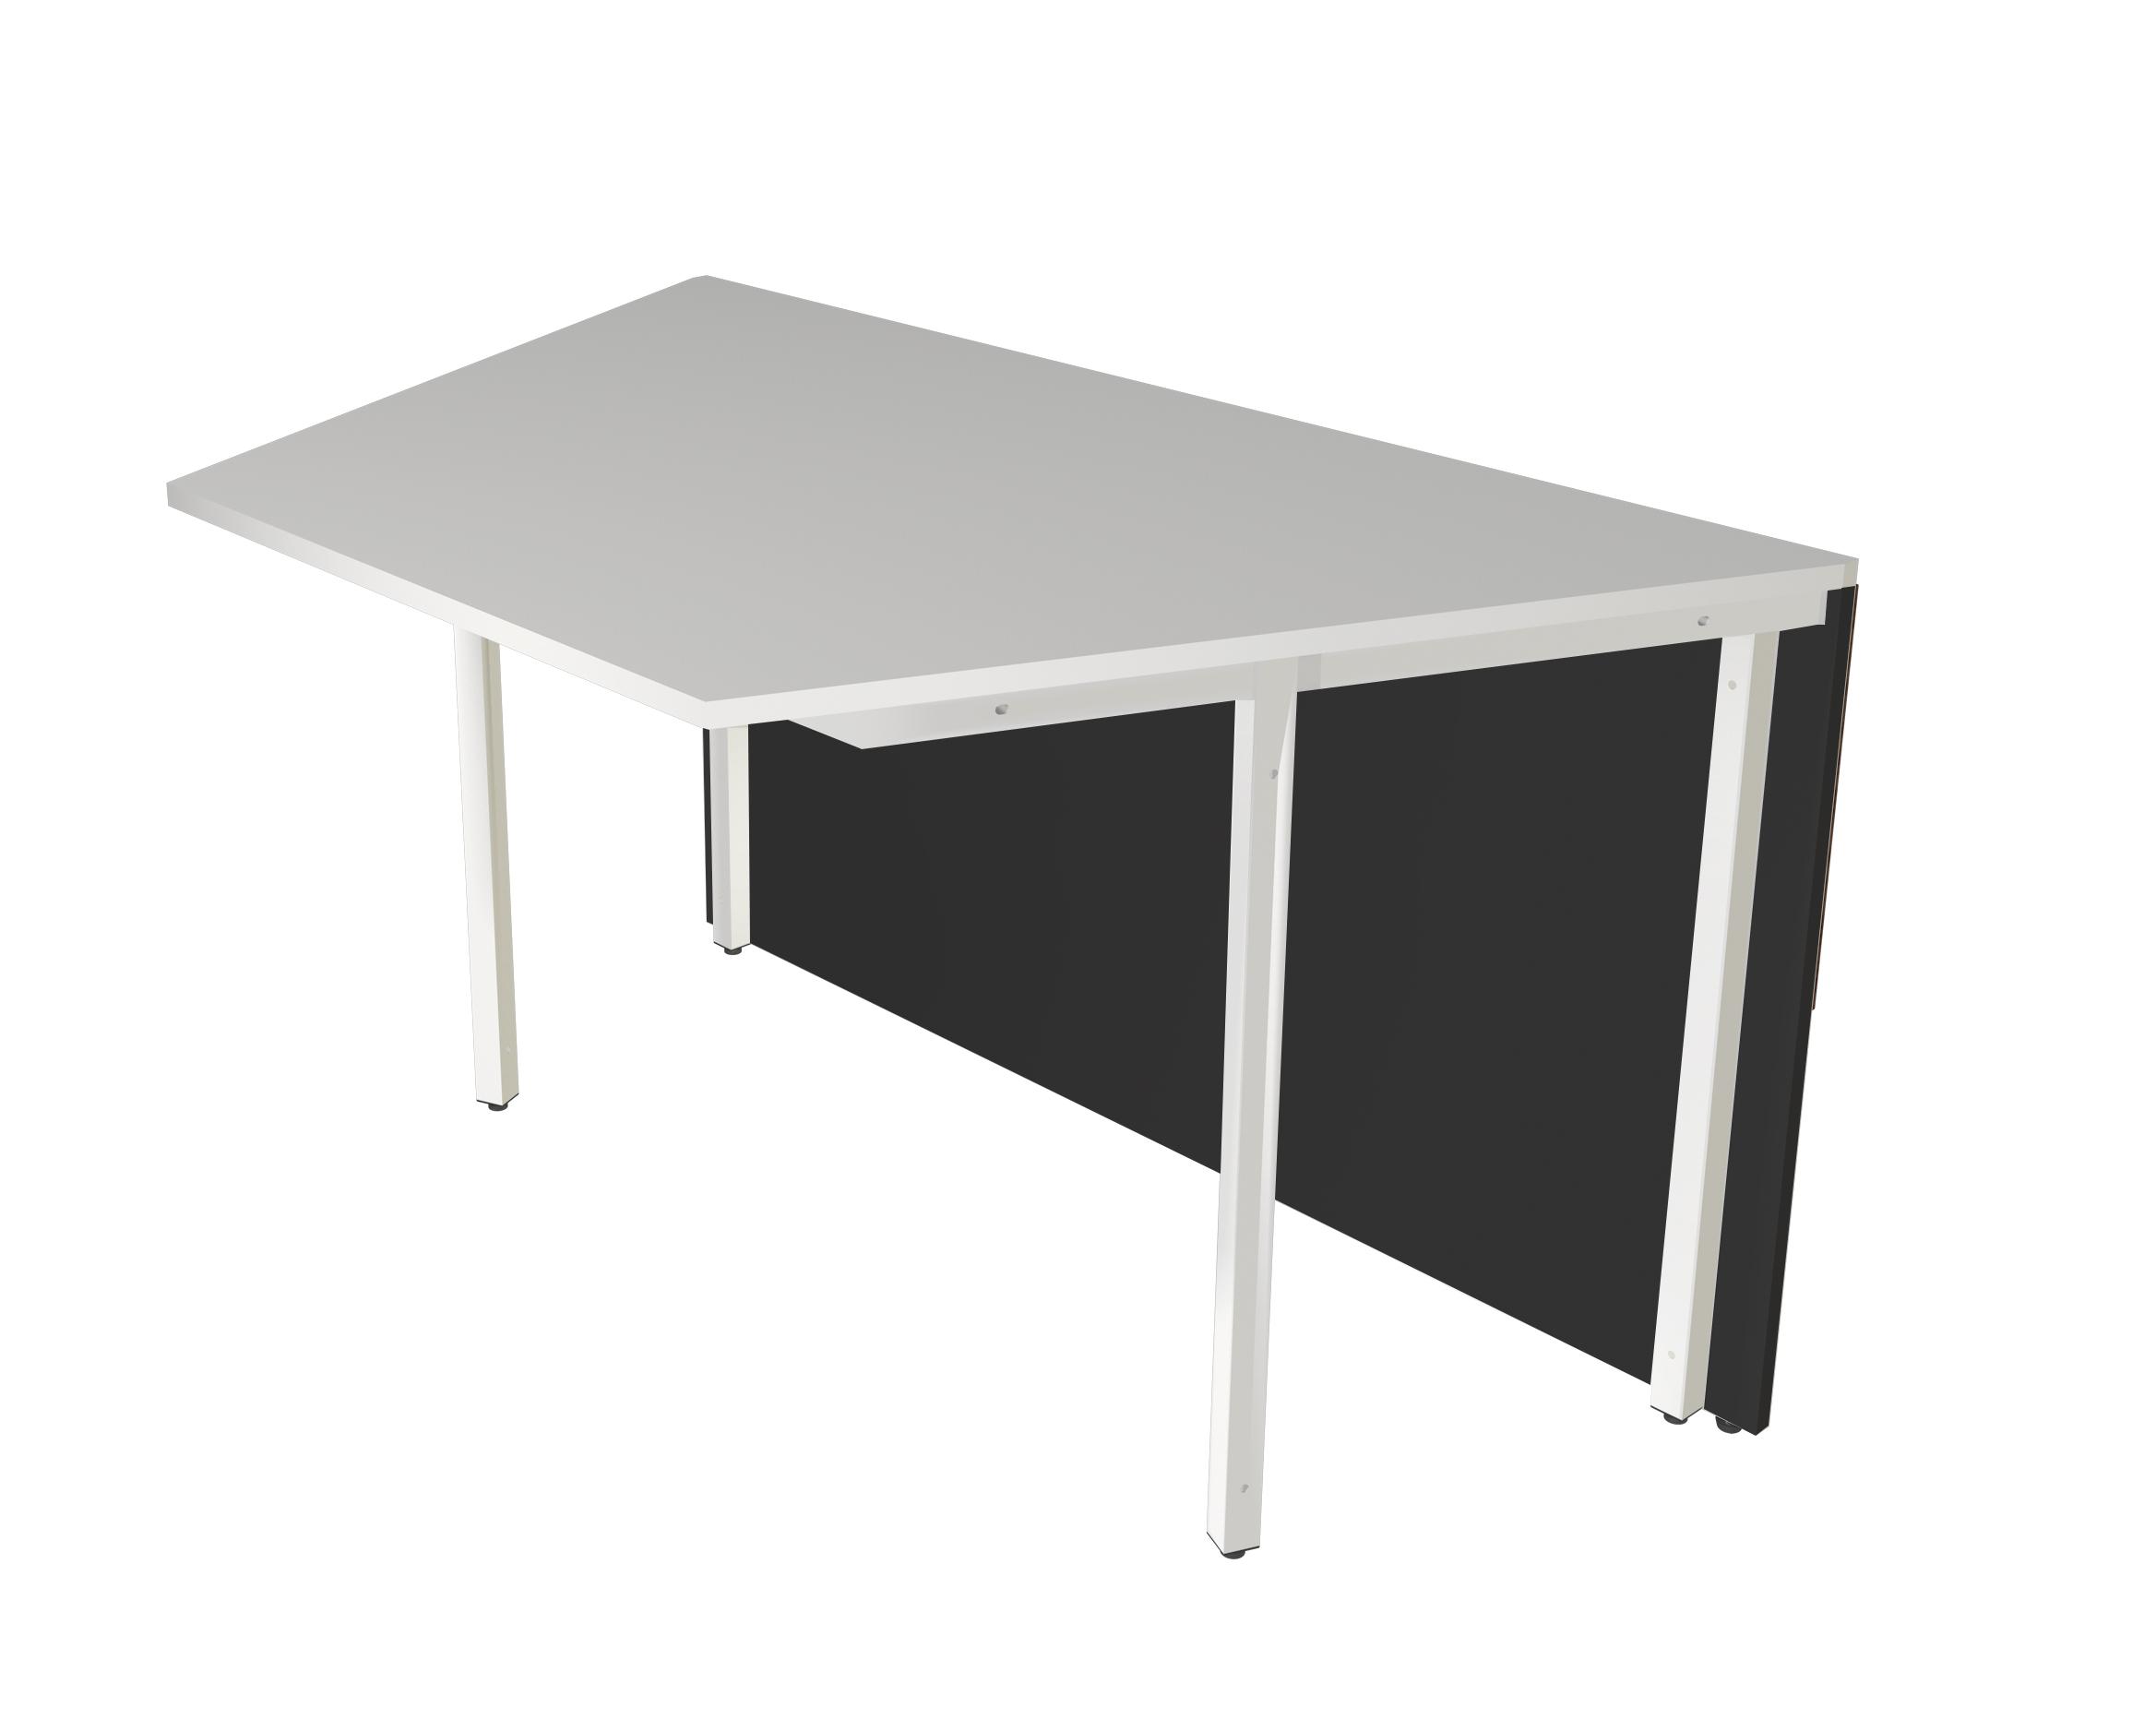 Ziemlich Büromöbel Tisch Galerie - Die Designideen für Badezimmer ...